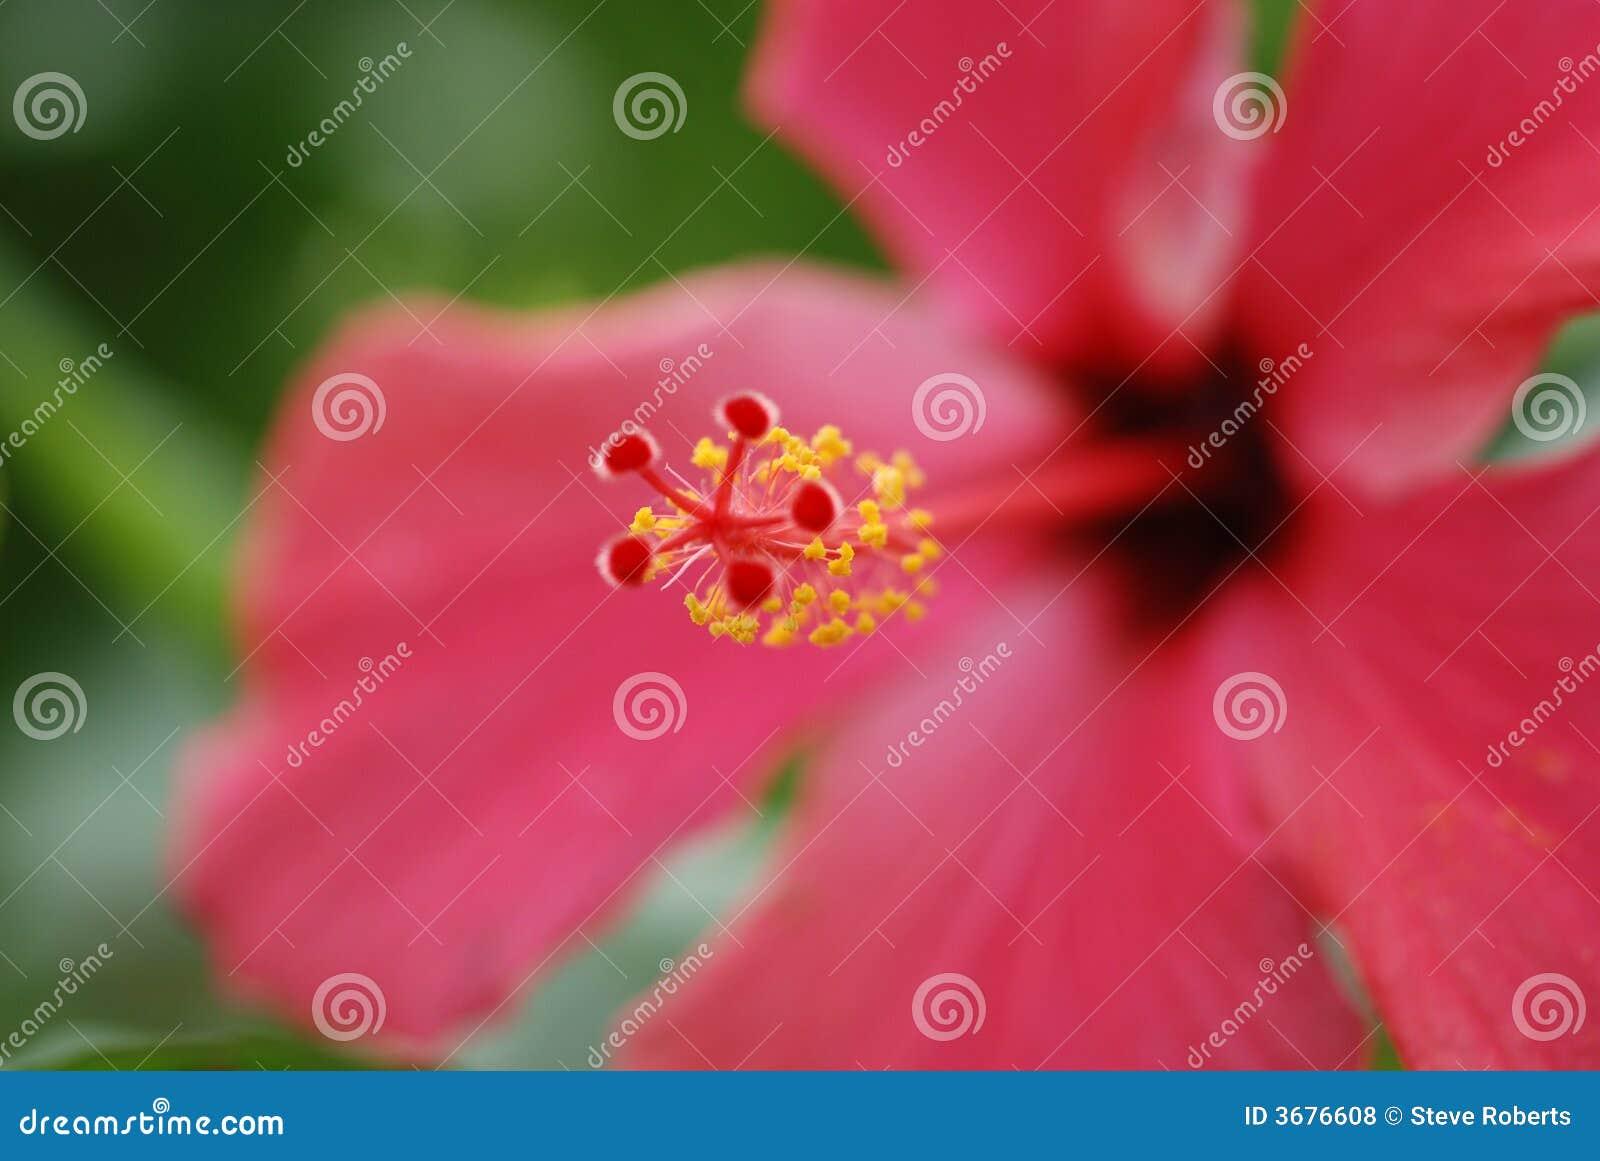 Download Fiore a macroistruzione fotografia stock. Immagine di petali - 3676608